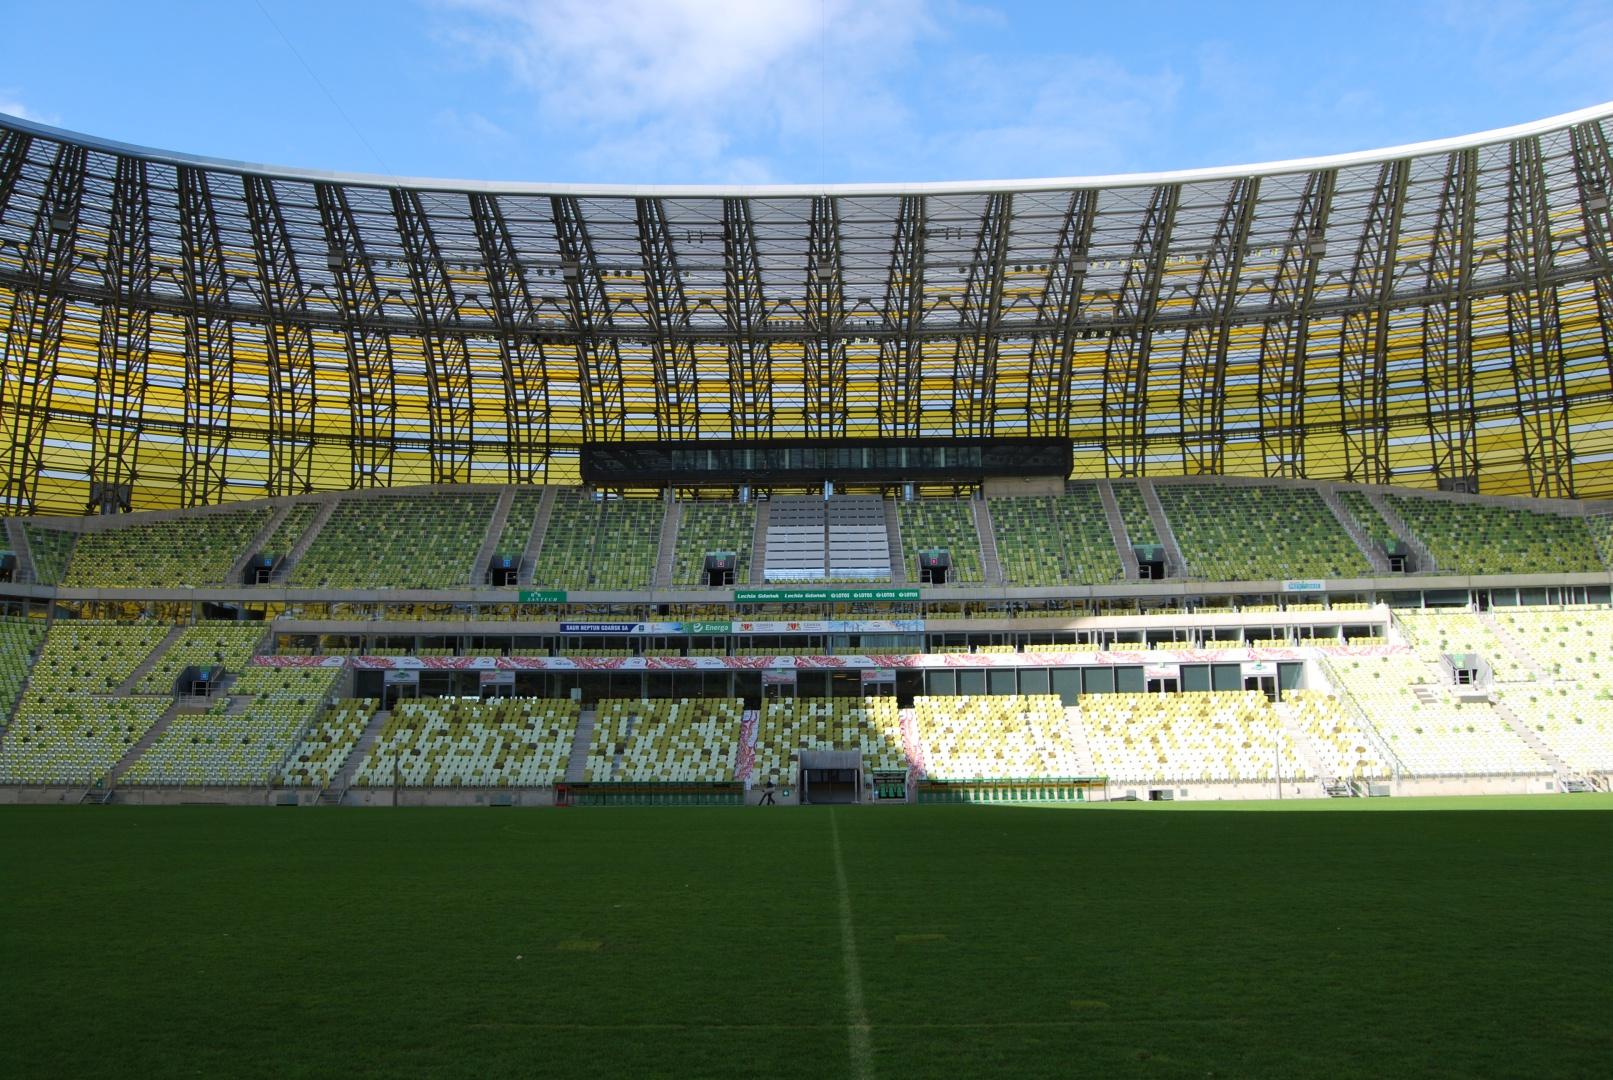 Na trybunach przewidziano ponad 42.000 miejsc siedzących (dokładna ilość zależy od rodzaju meczu) umieszczonych na różnych poziomach. Fot. PGE ARENA Gdańsk.